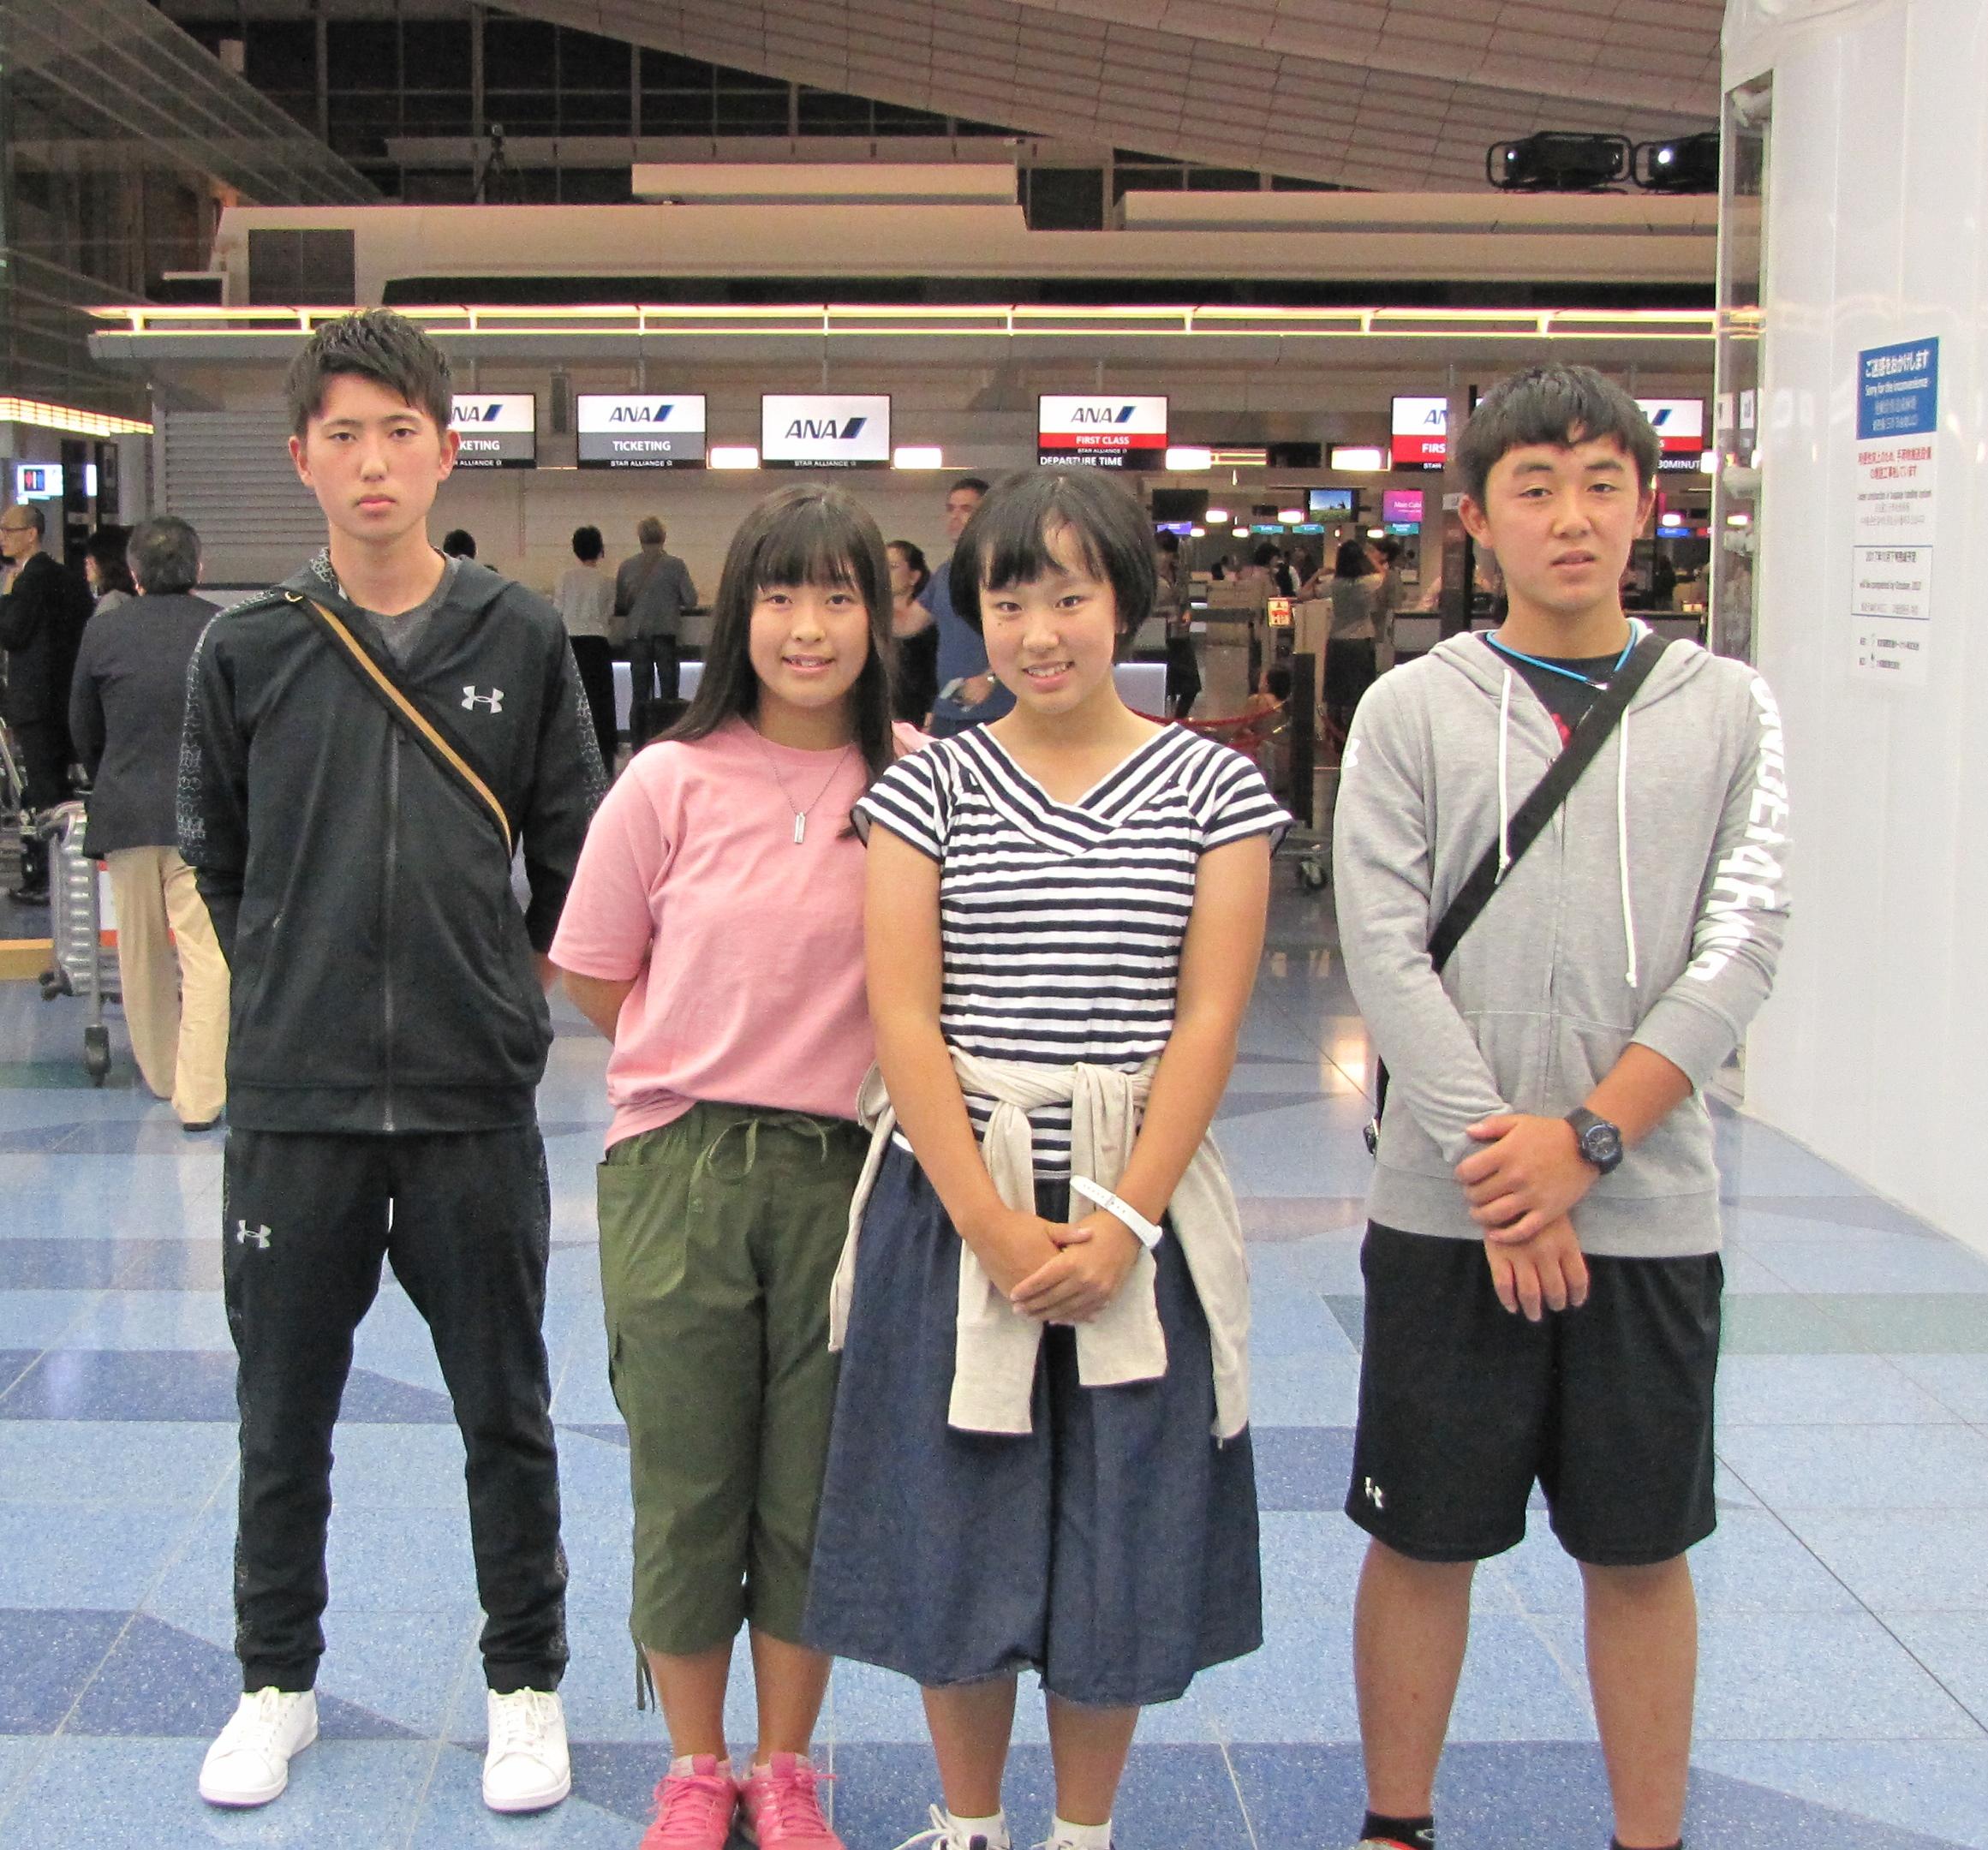 羽田空港ANA便で出発(左から梅津慶士くん、西郷真央さん、榎本杏果さん、小屋将一郎くん)